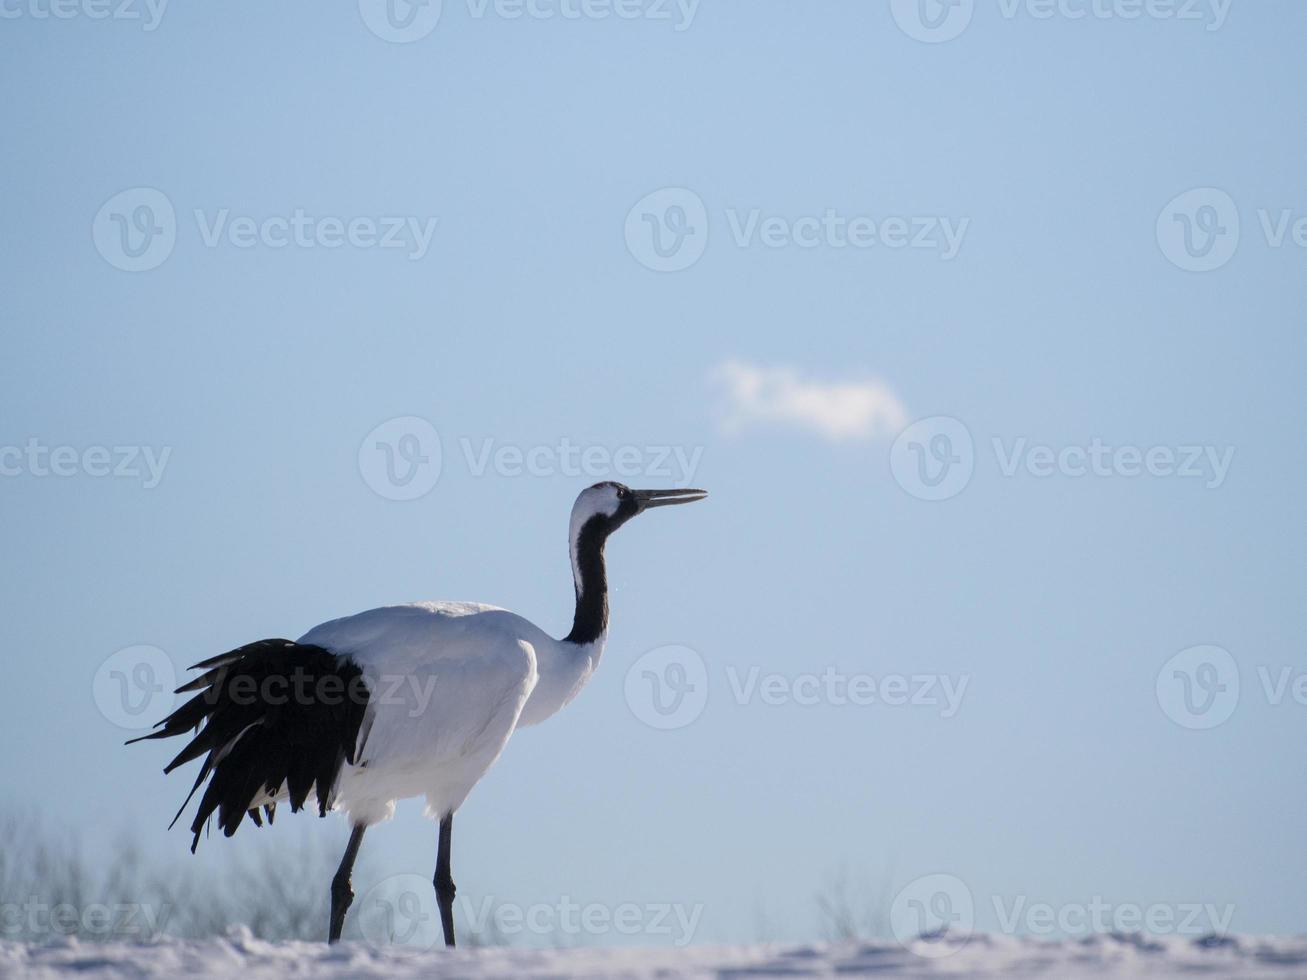 grulla blanca mirando al cielo, foto